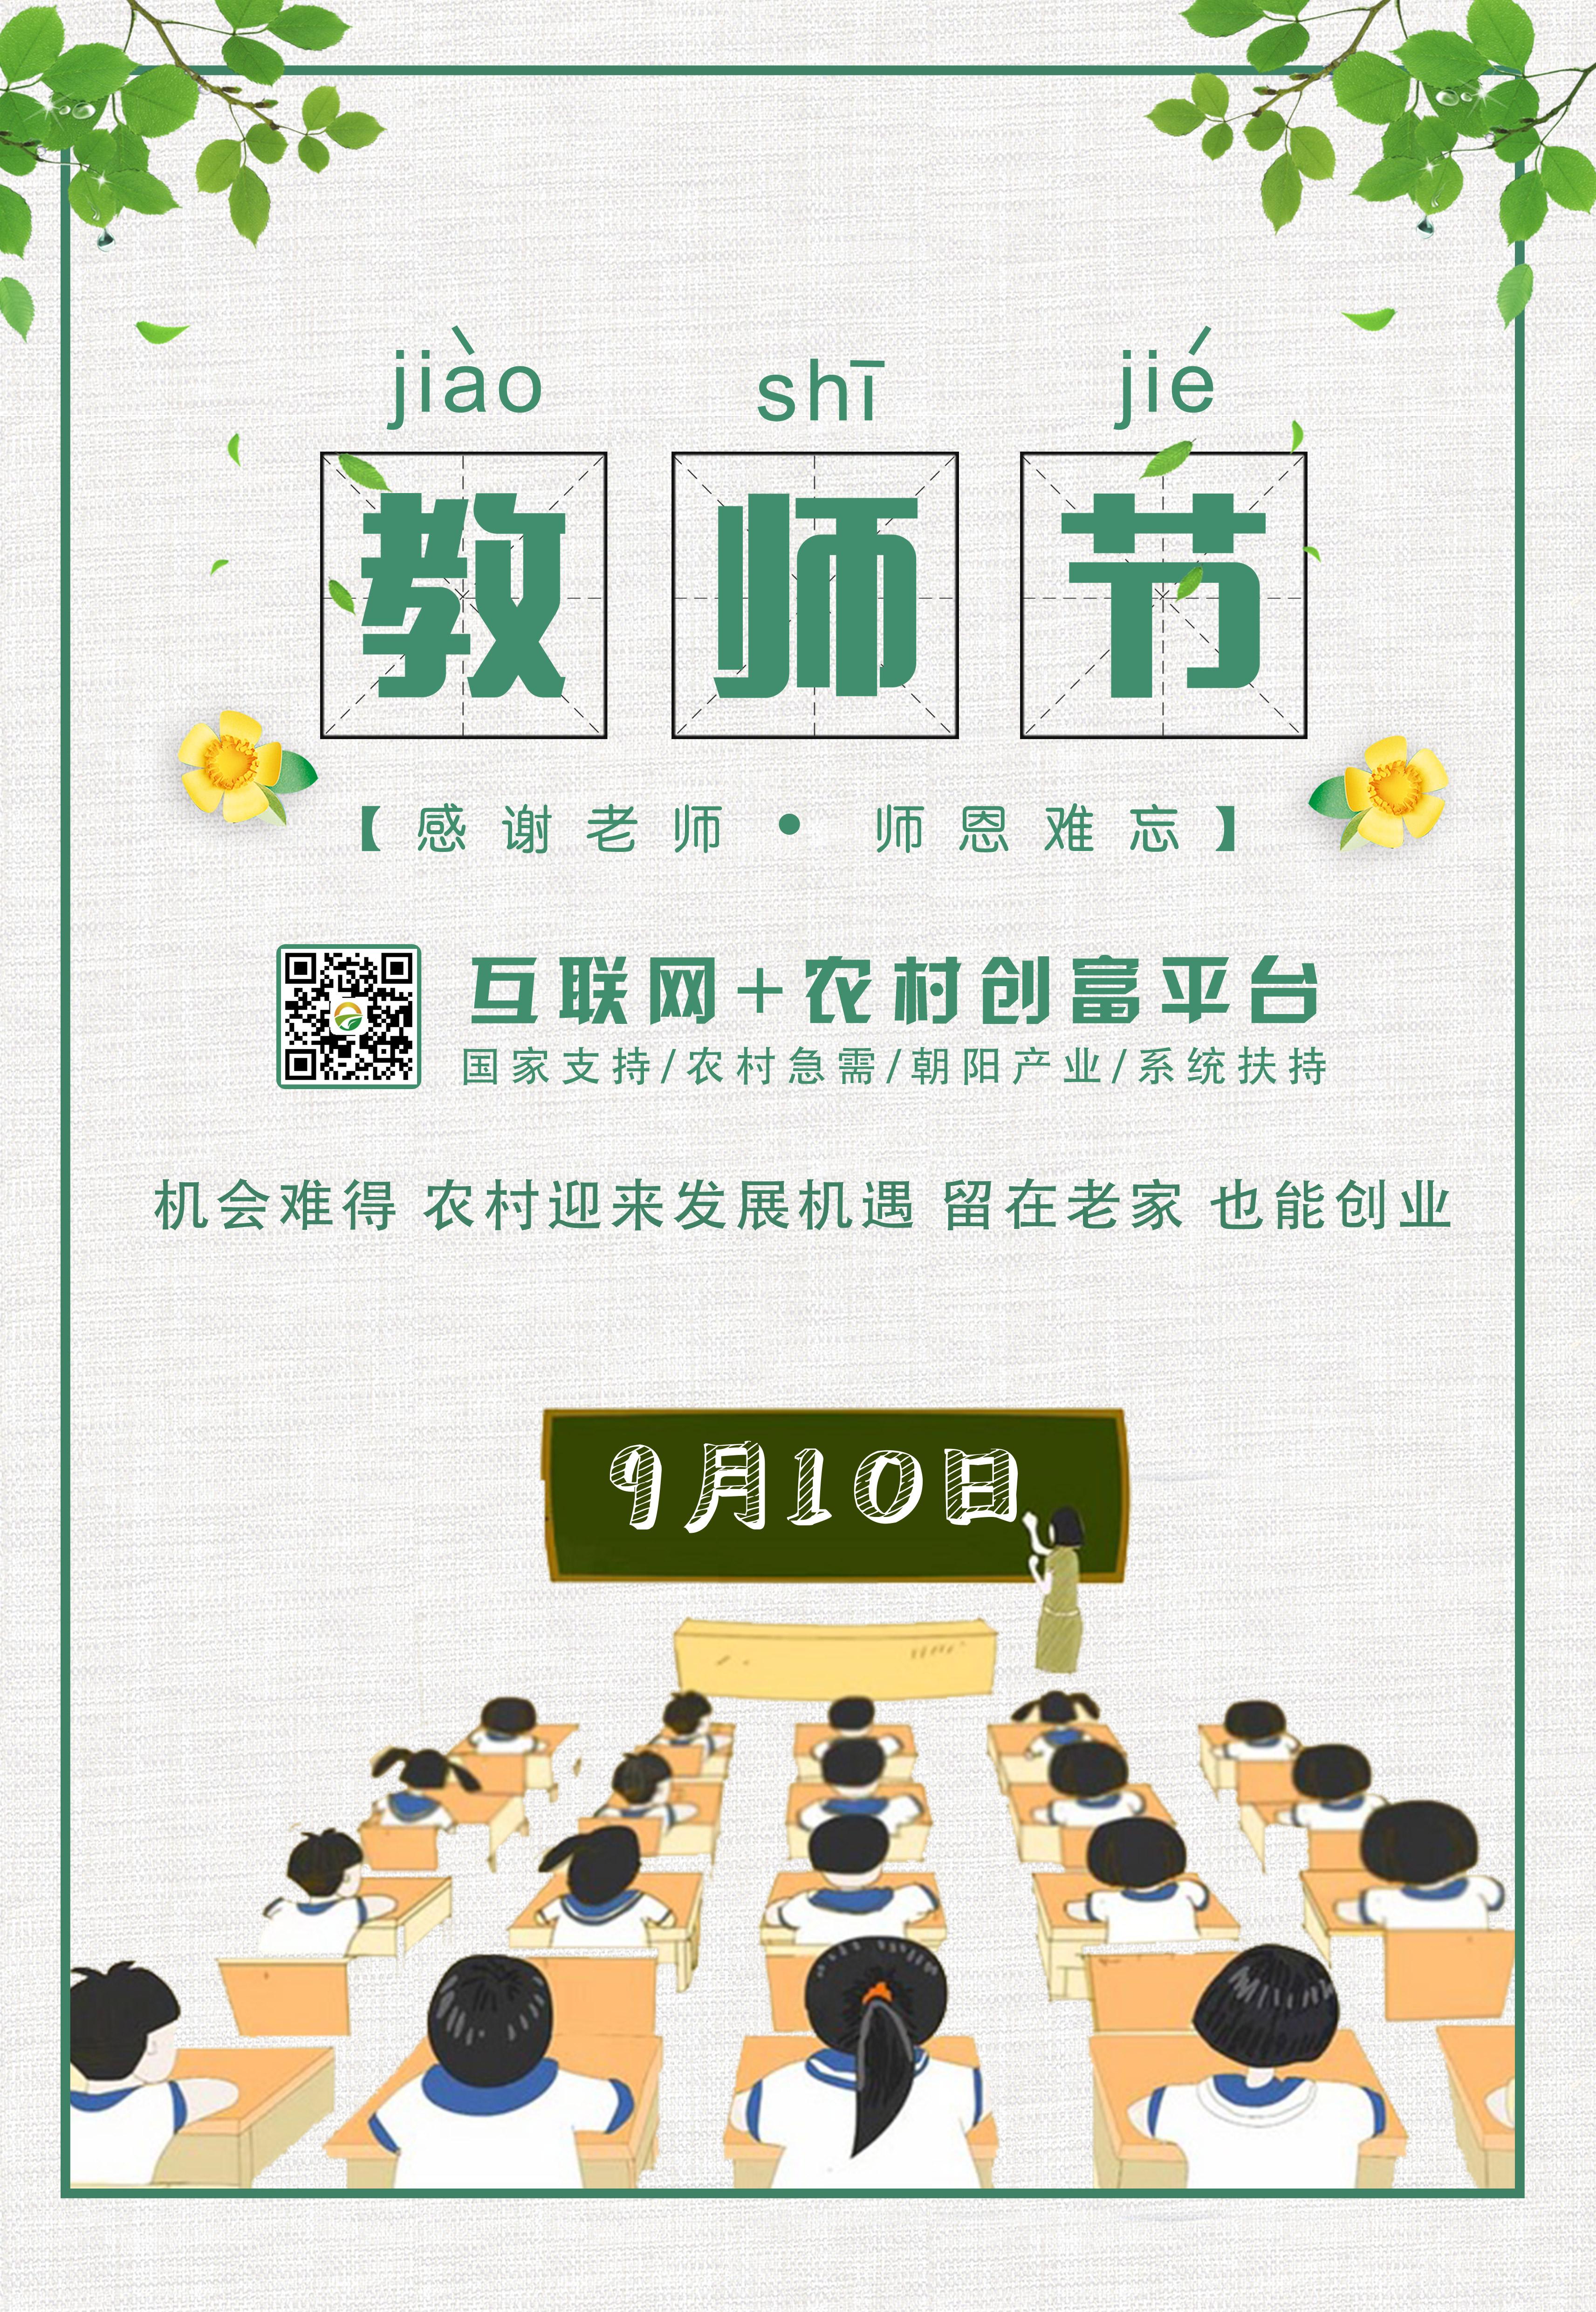 村网通教师节专题宣传海报